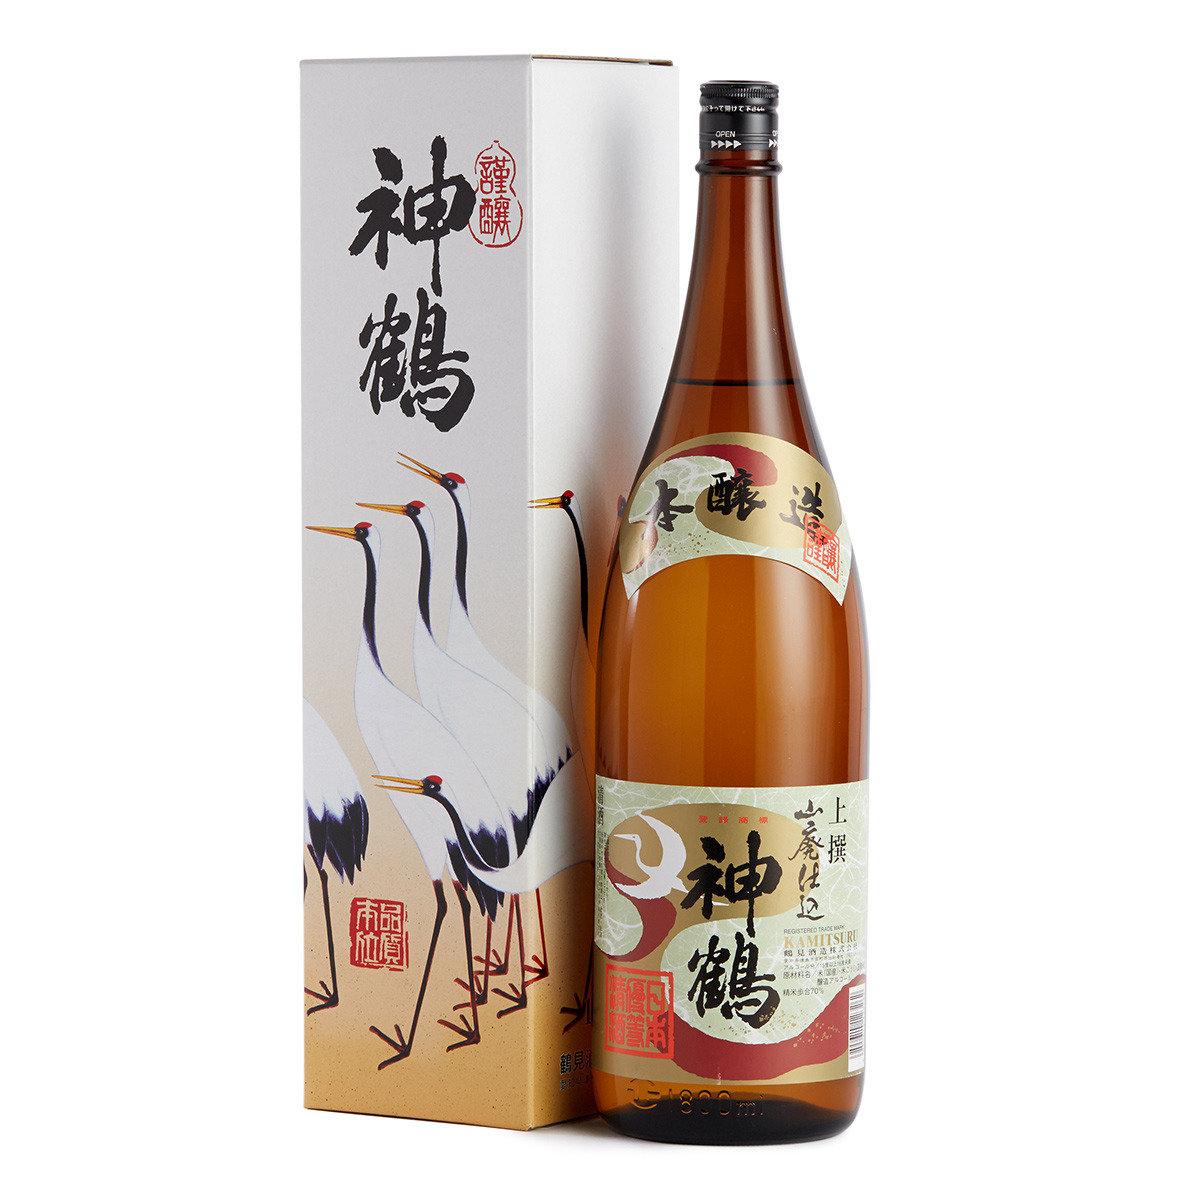 神鶴-本釀造 (日本直送)